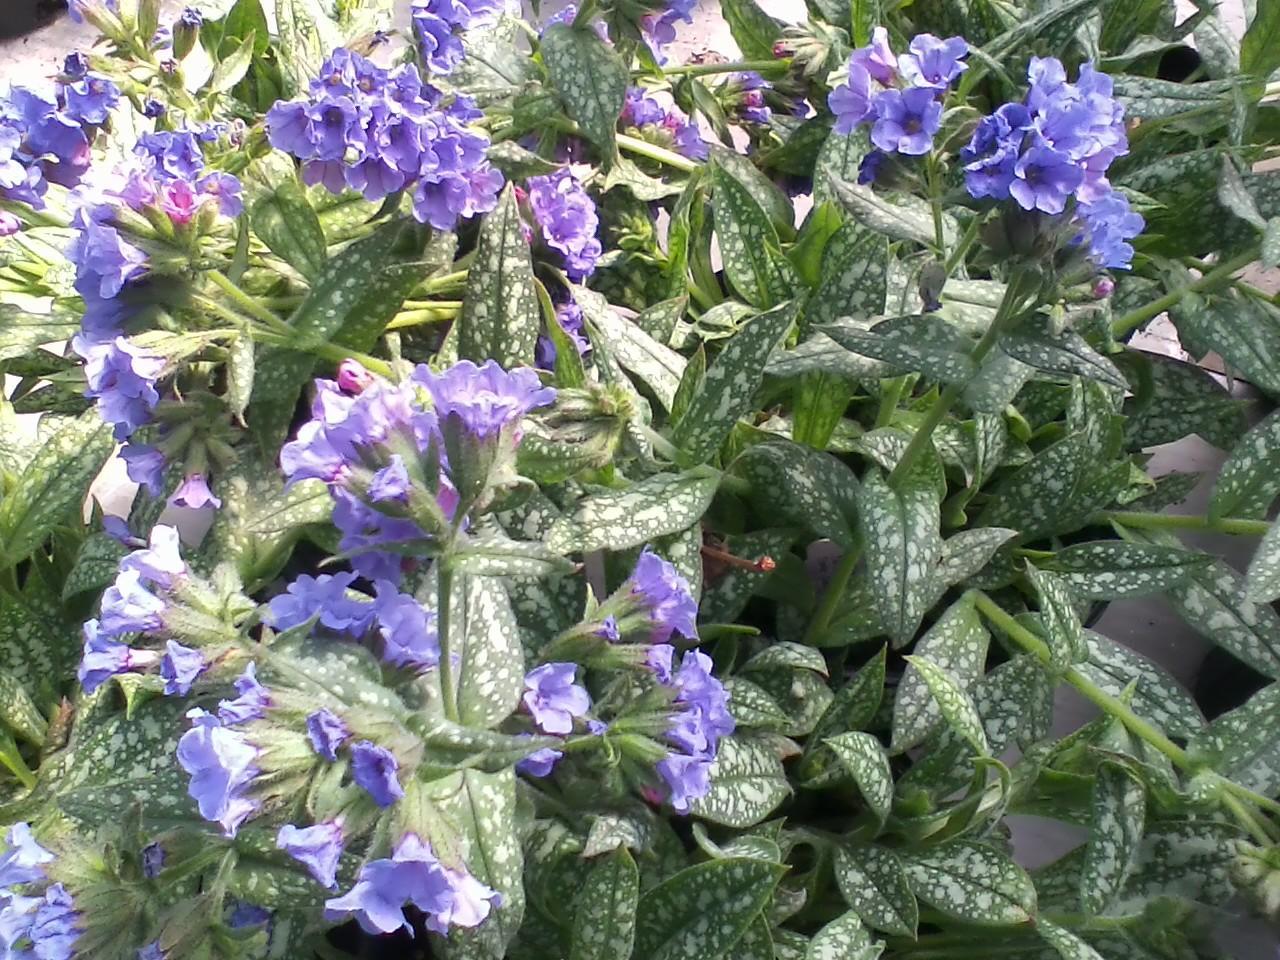 Perennials Canton Road Garden Center Akron Ohio